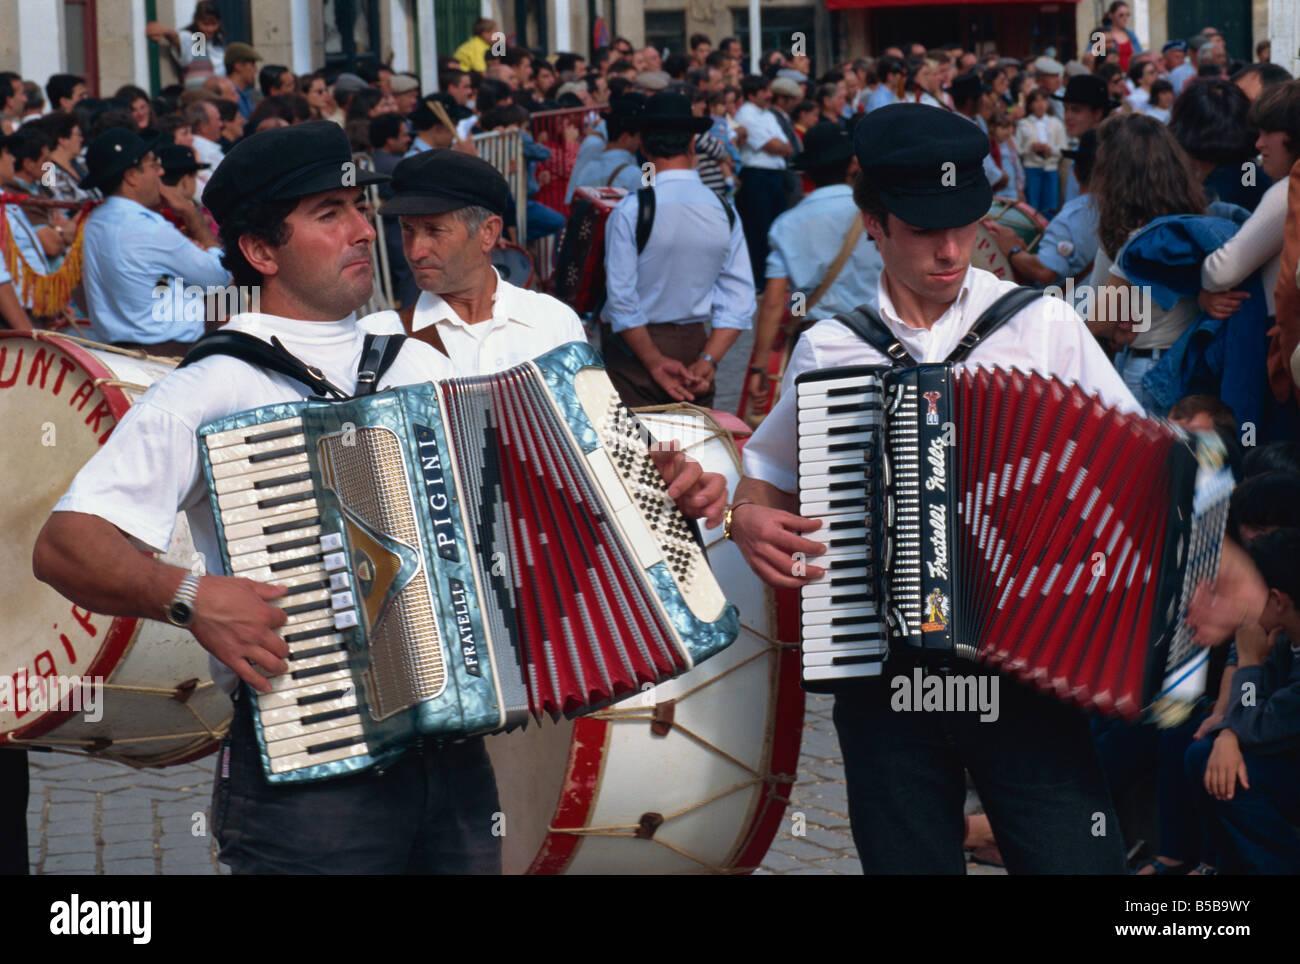 Accordions, New Fairs parade, Ponte de Lima, Minho, Portugal, Europe - Stock Image